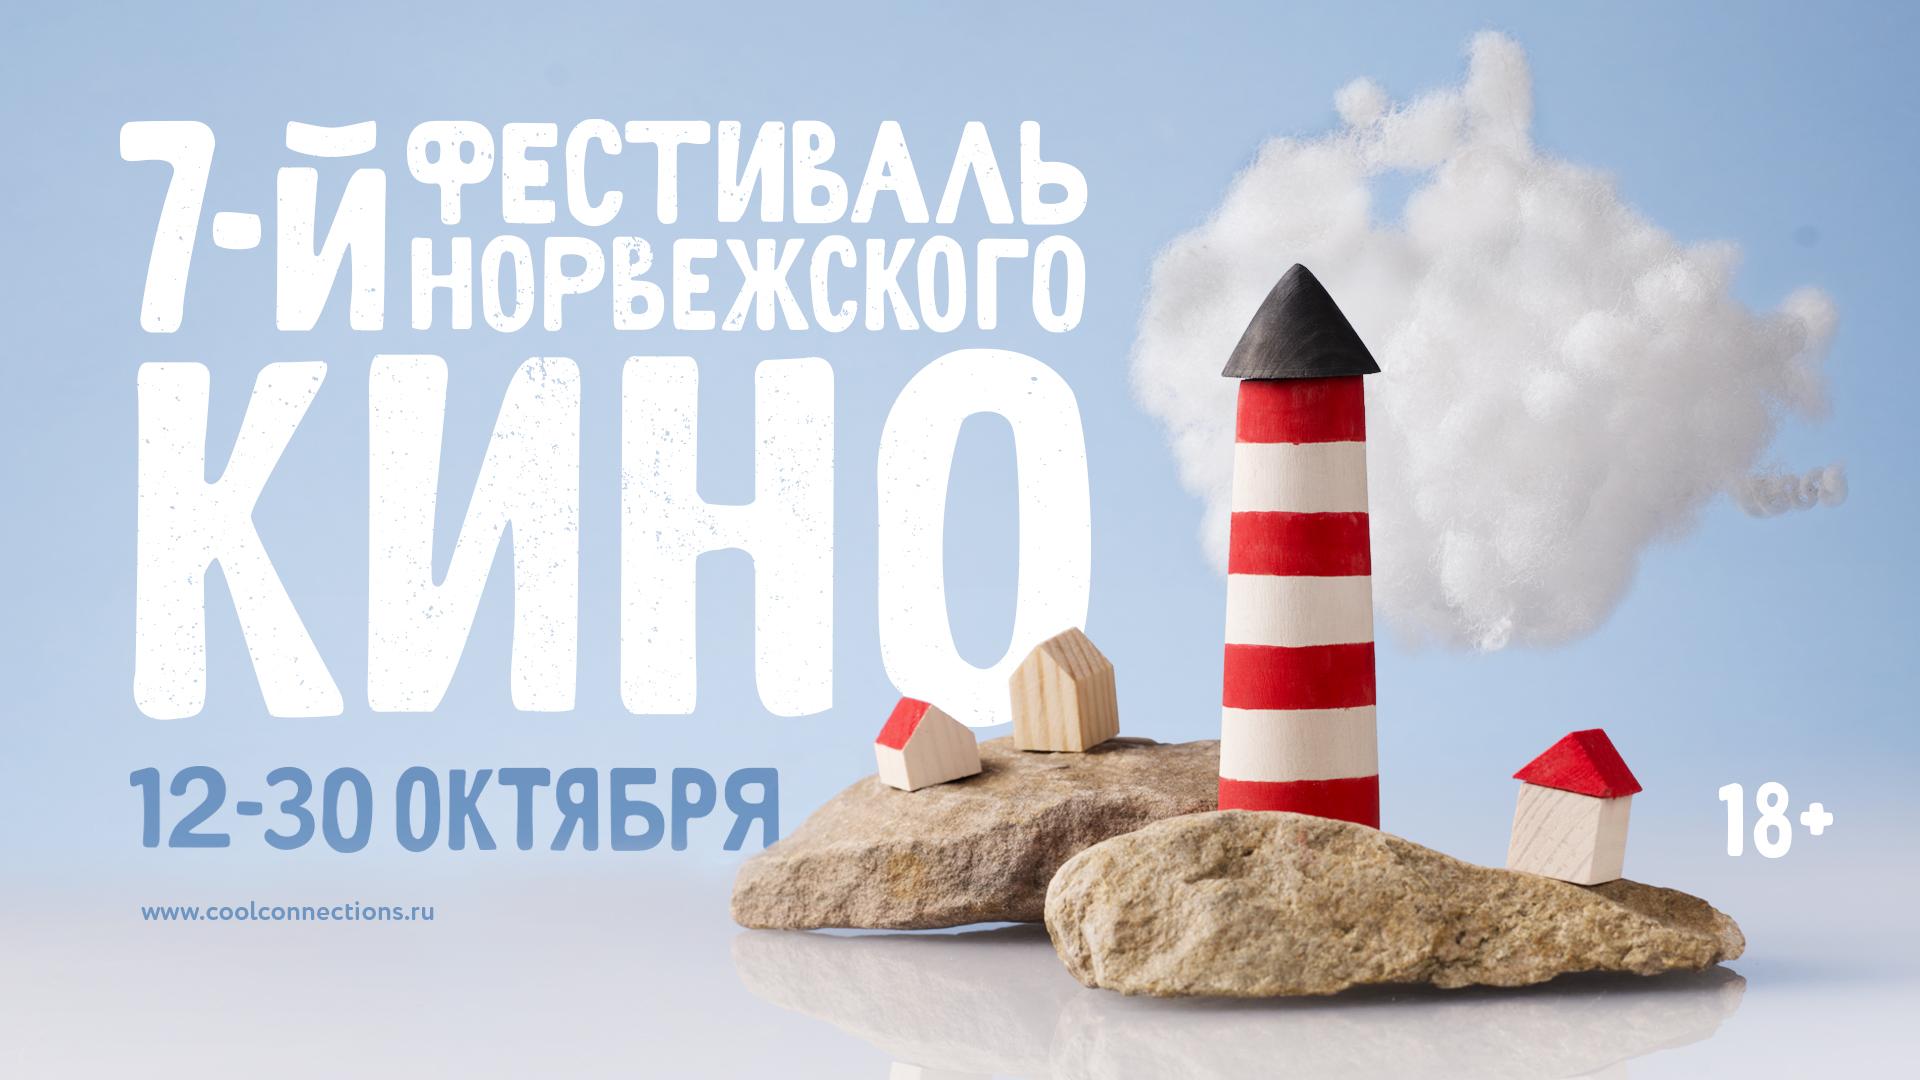 7-й Фестиваль Норвежского кино пройдёт в Санкт-Петербурге и Москве